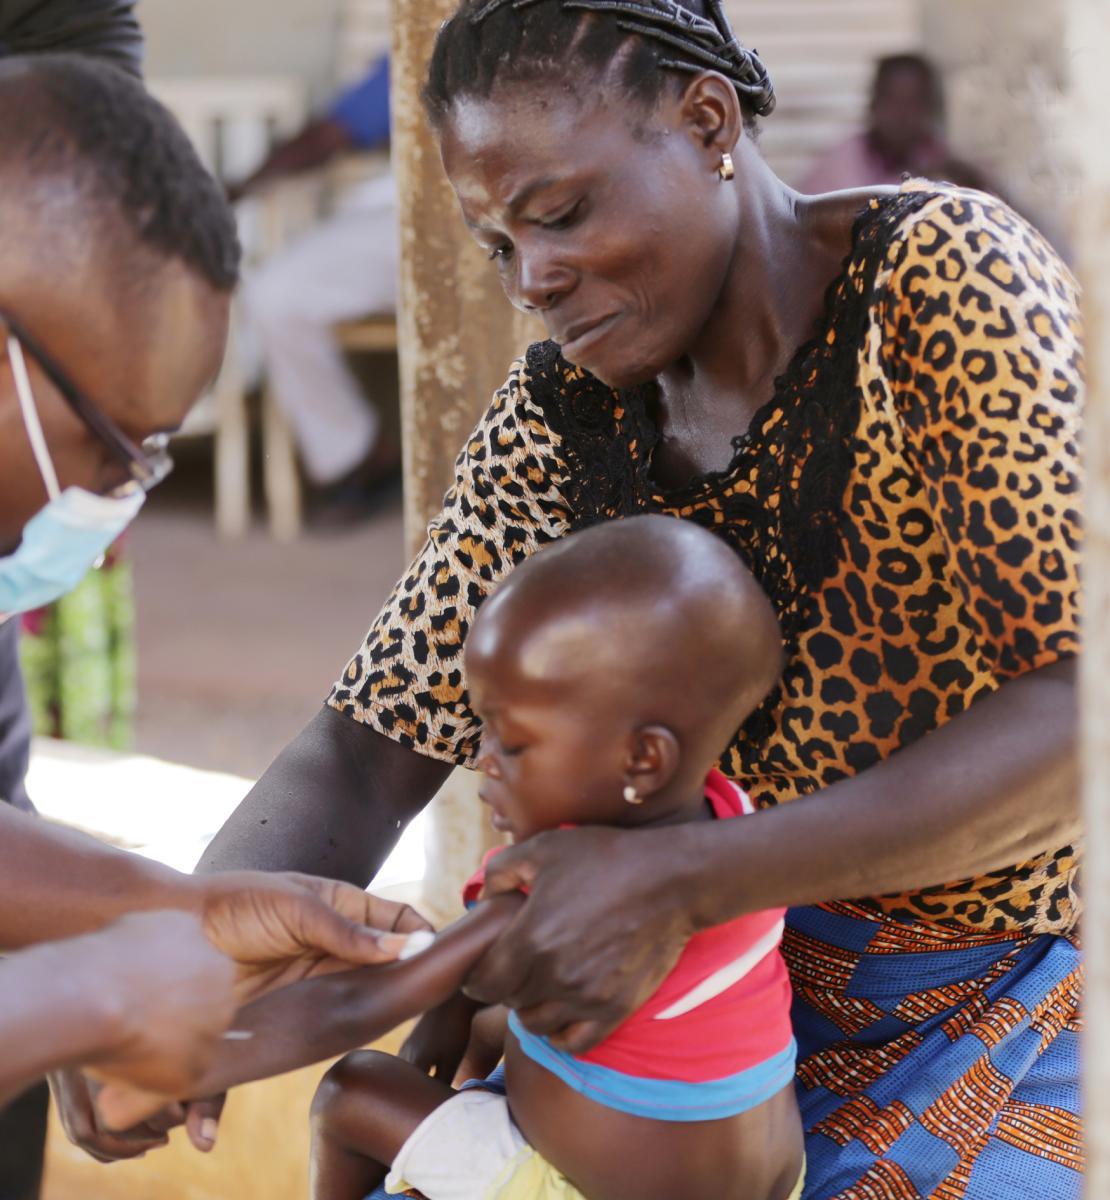 Une mère tient une fillette sur ses genoux. En homme portant un masque chirurgical se penche sur la petite fille pour lui injecter un traitement dans le bras.